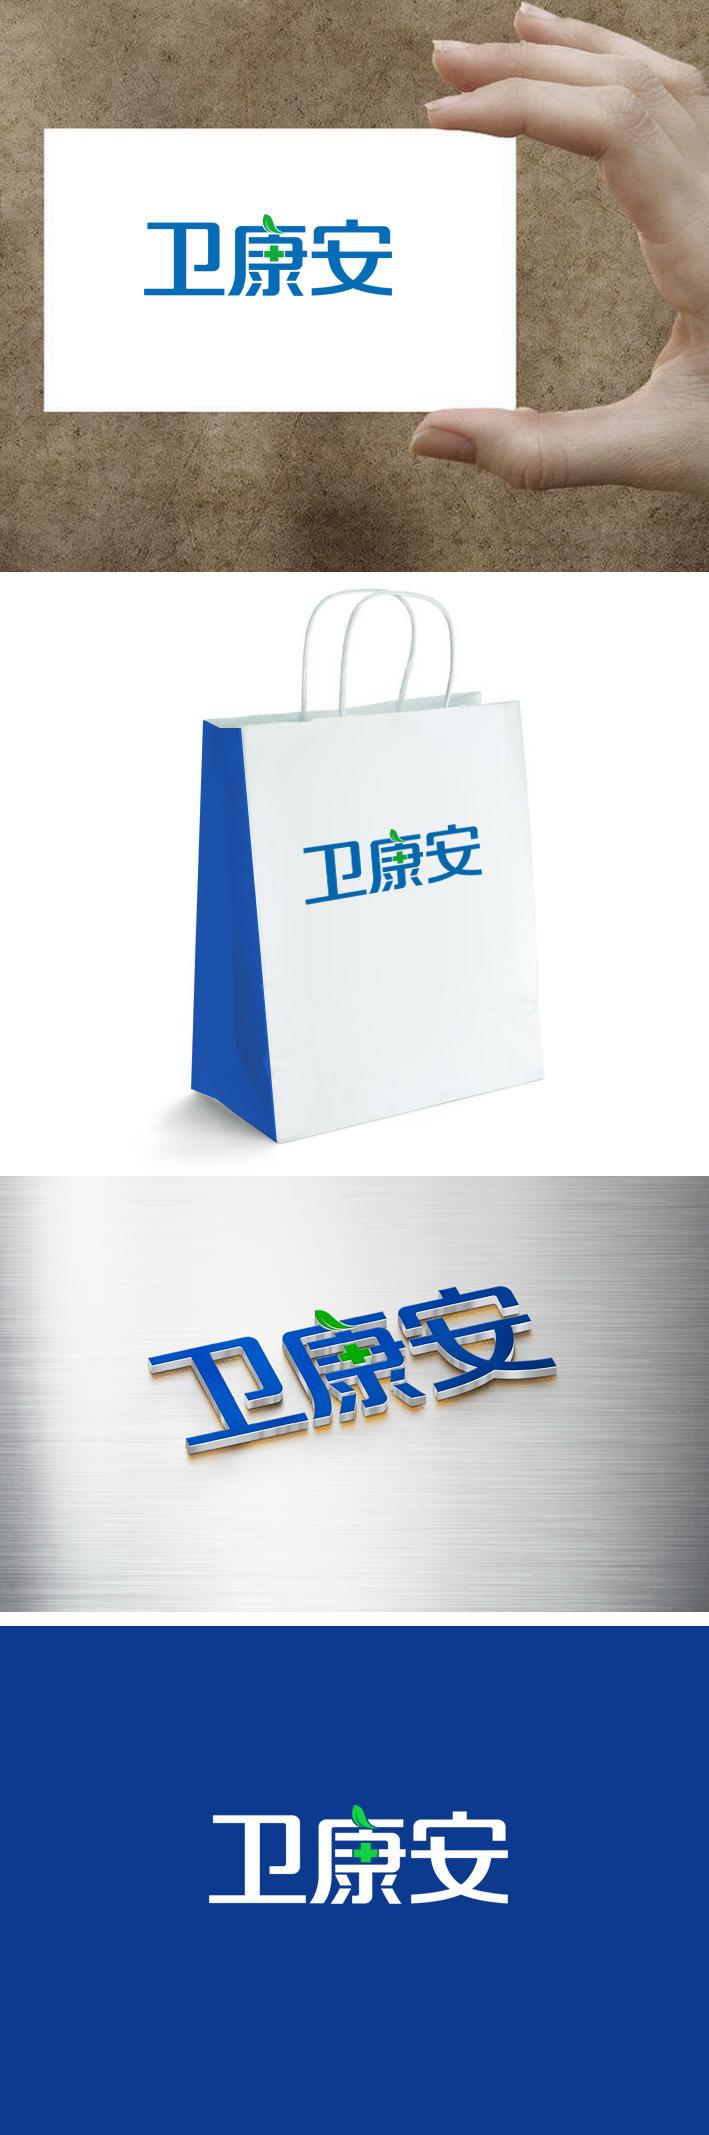 企业LOGO设计_3031019_k68威客网